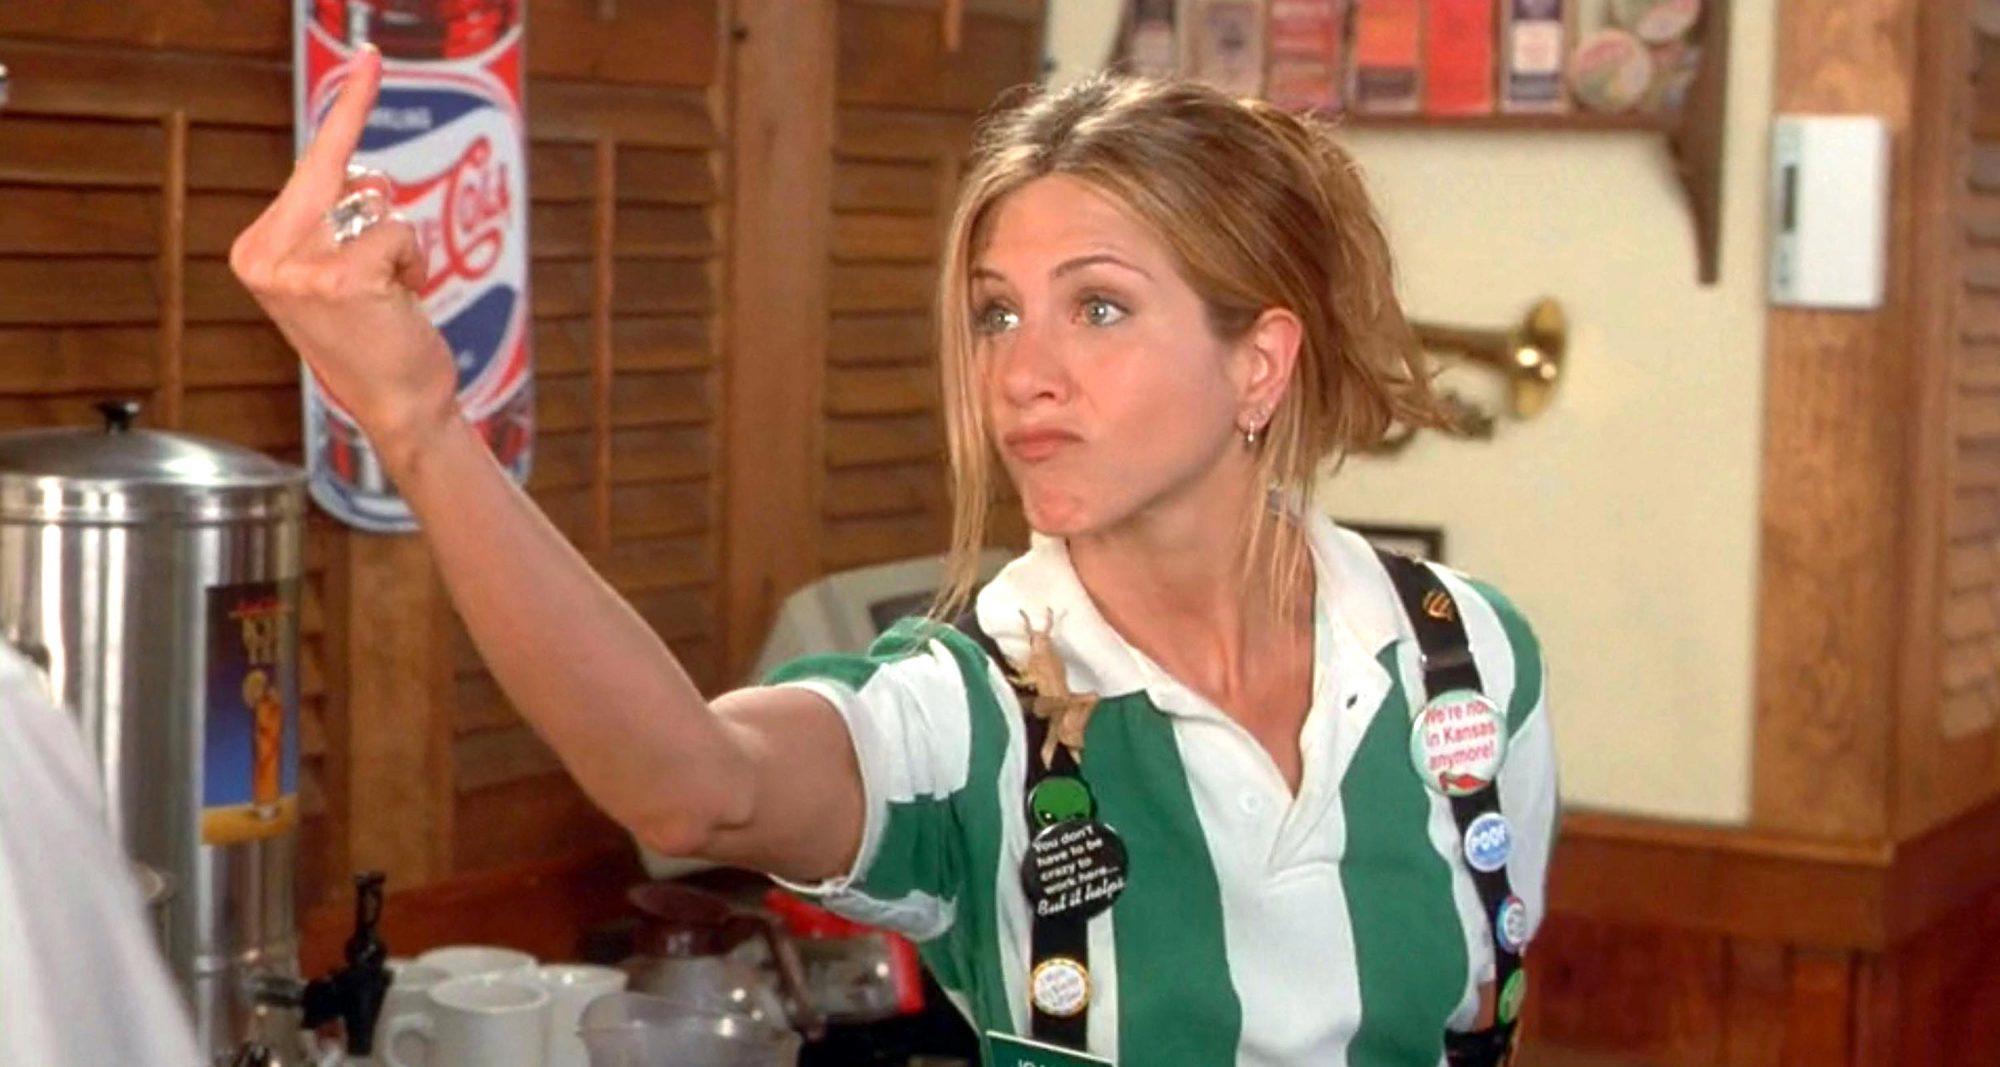 Office Space (1999)Jennifer Aniston as Joanna